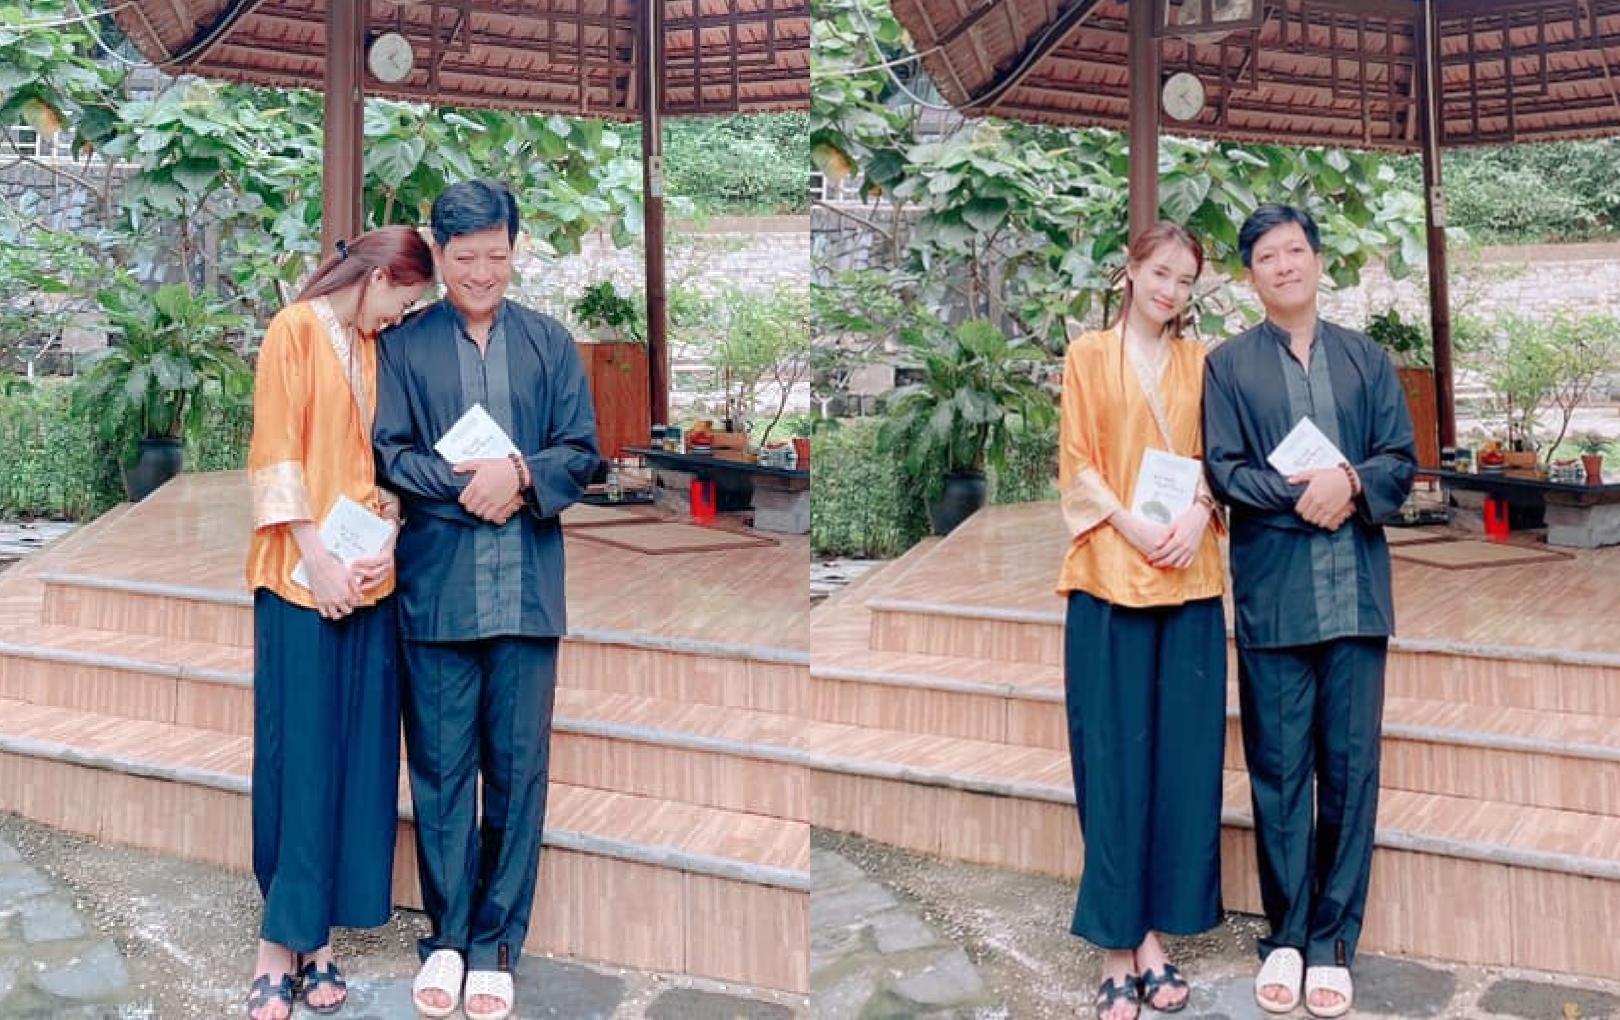 Trường Giang - Nhã Phương cùng nhau đi chùa sau chuyến cứu trợ: Khoảnh khắc bình yên khiến ai cũng ghen tị